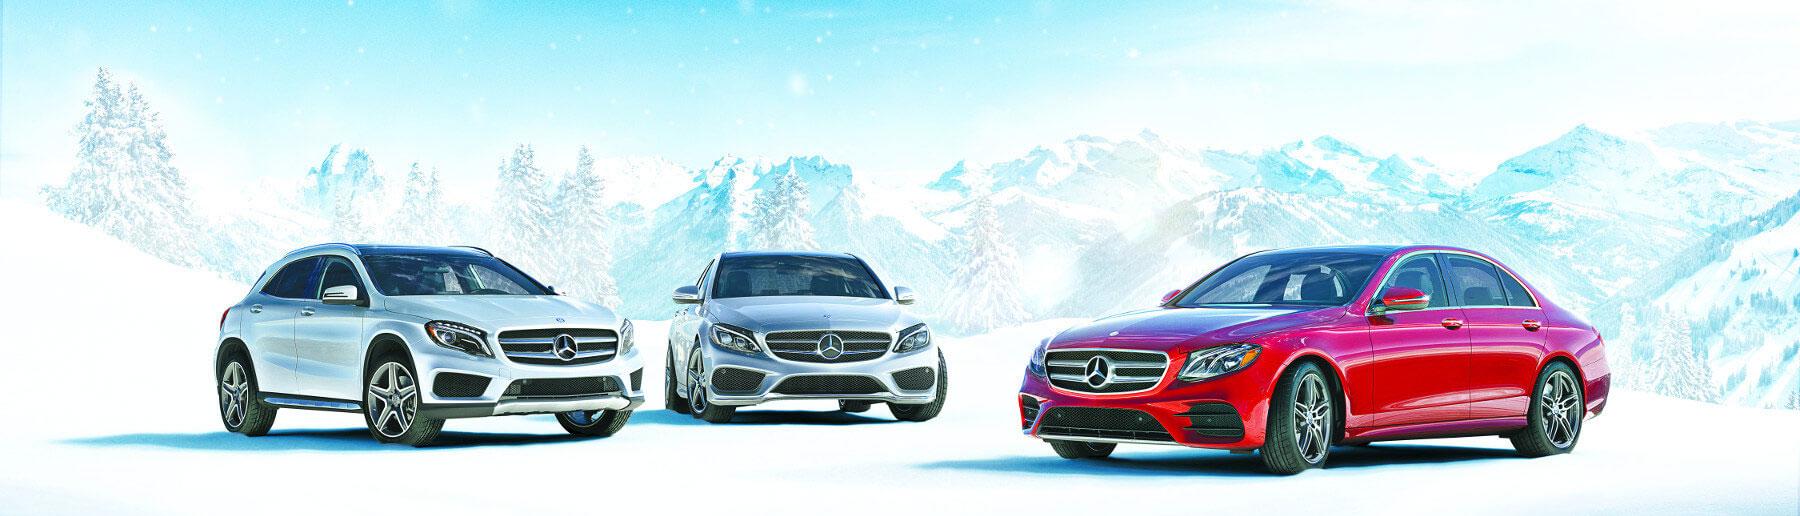 2016 mercedes benz winter event for Mercedes benz of alpharetta